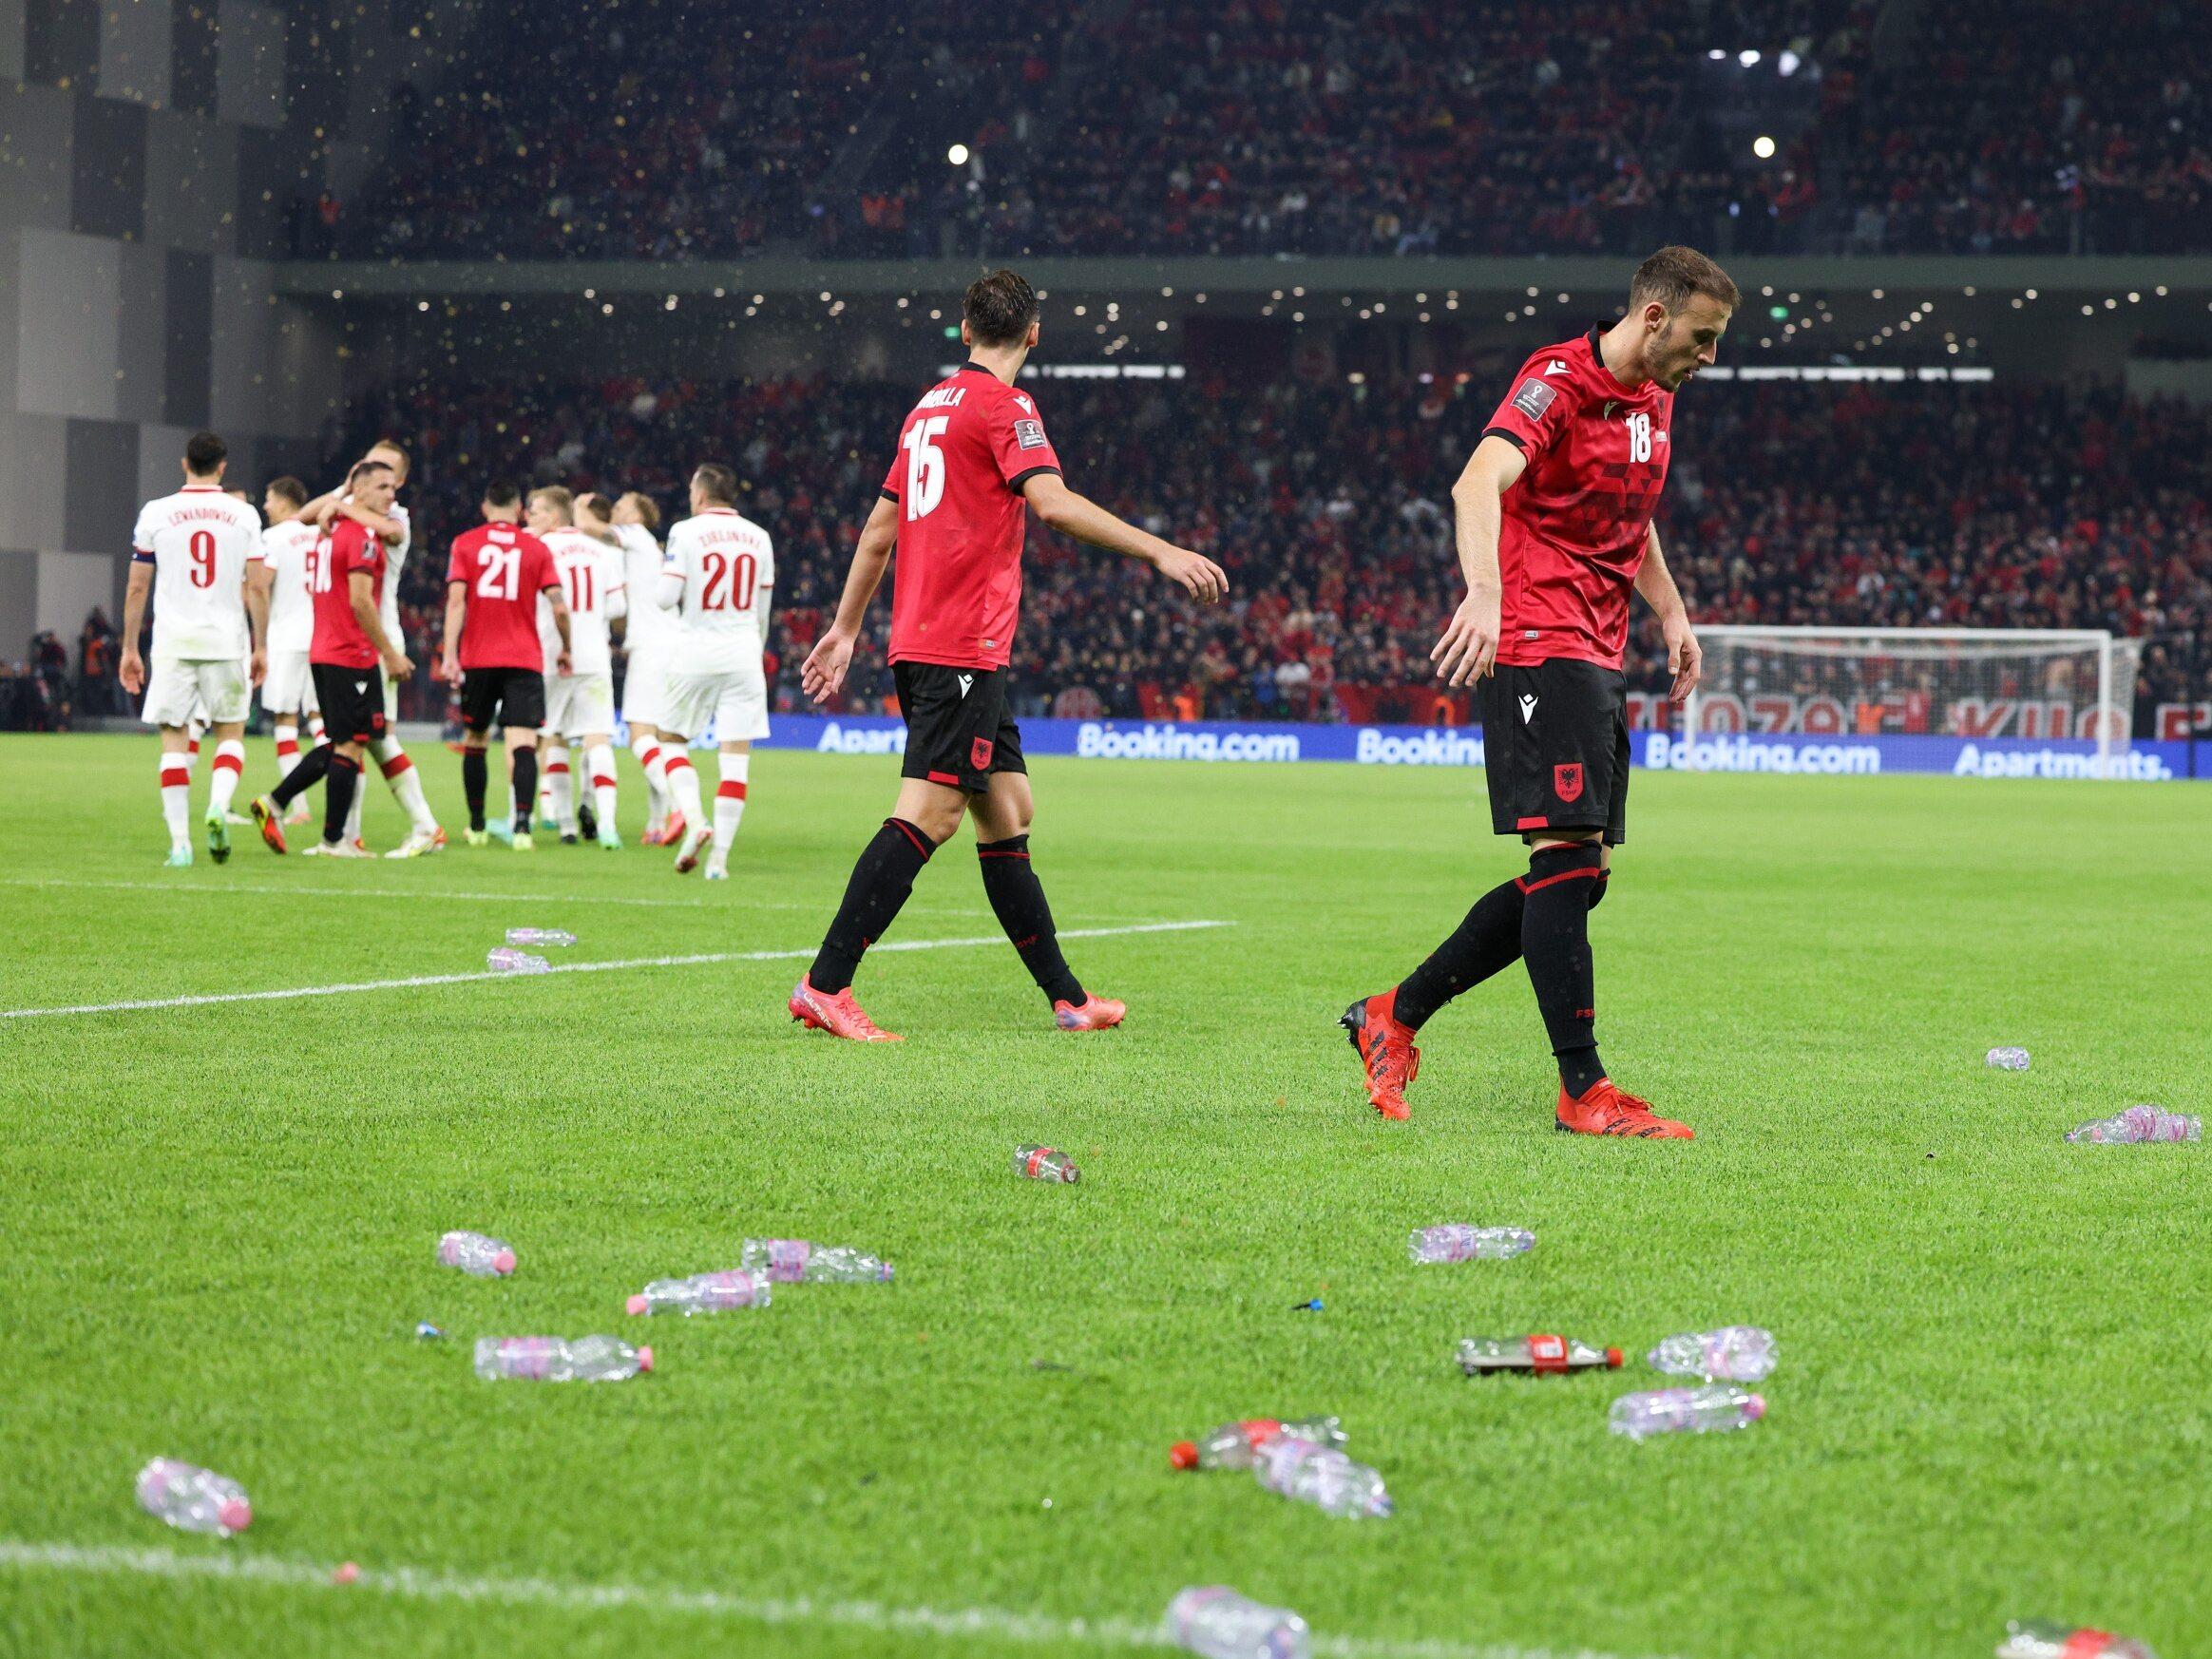 Eliminacje MŚ 2022. Będą kary za zachowanie kibiców podczas meczu Albania – Polska. FIFA wydała oficjalny komunikat